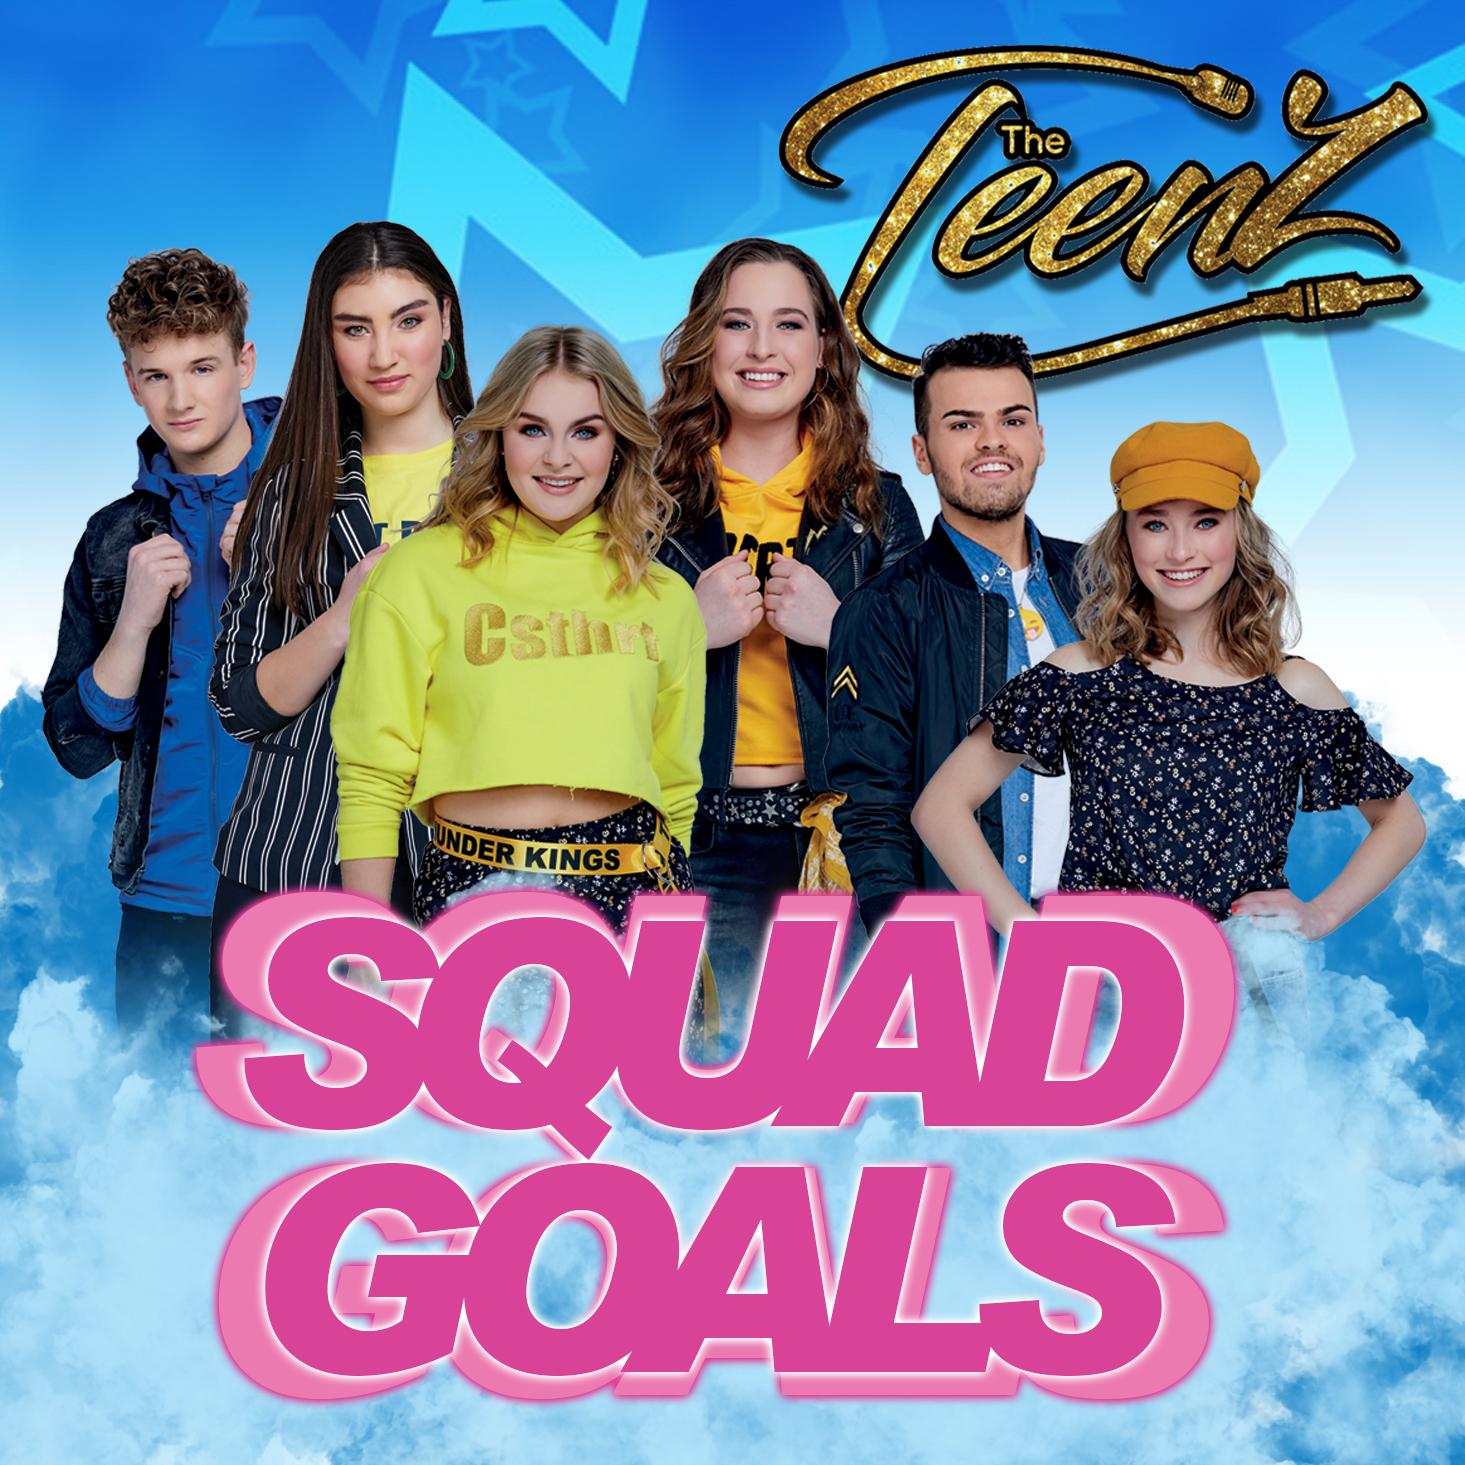 The TeenZ - Squadgoals